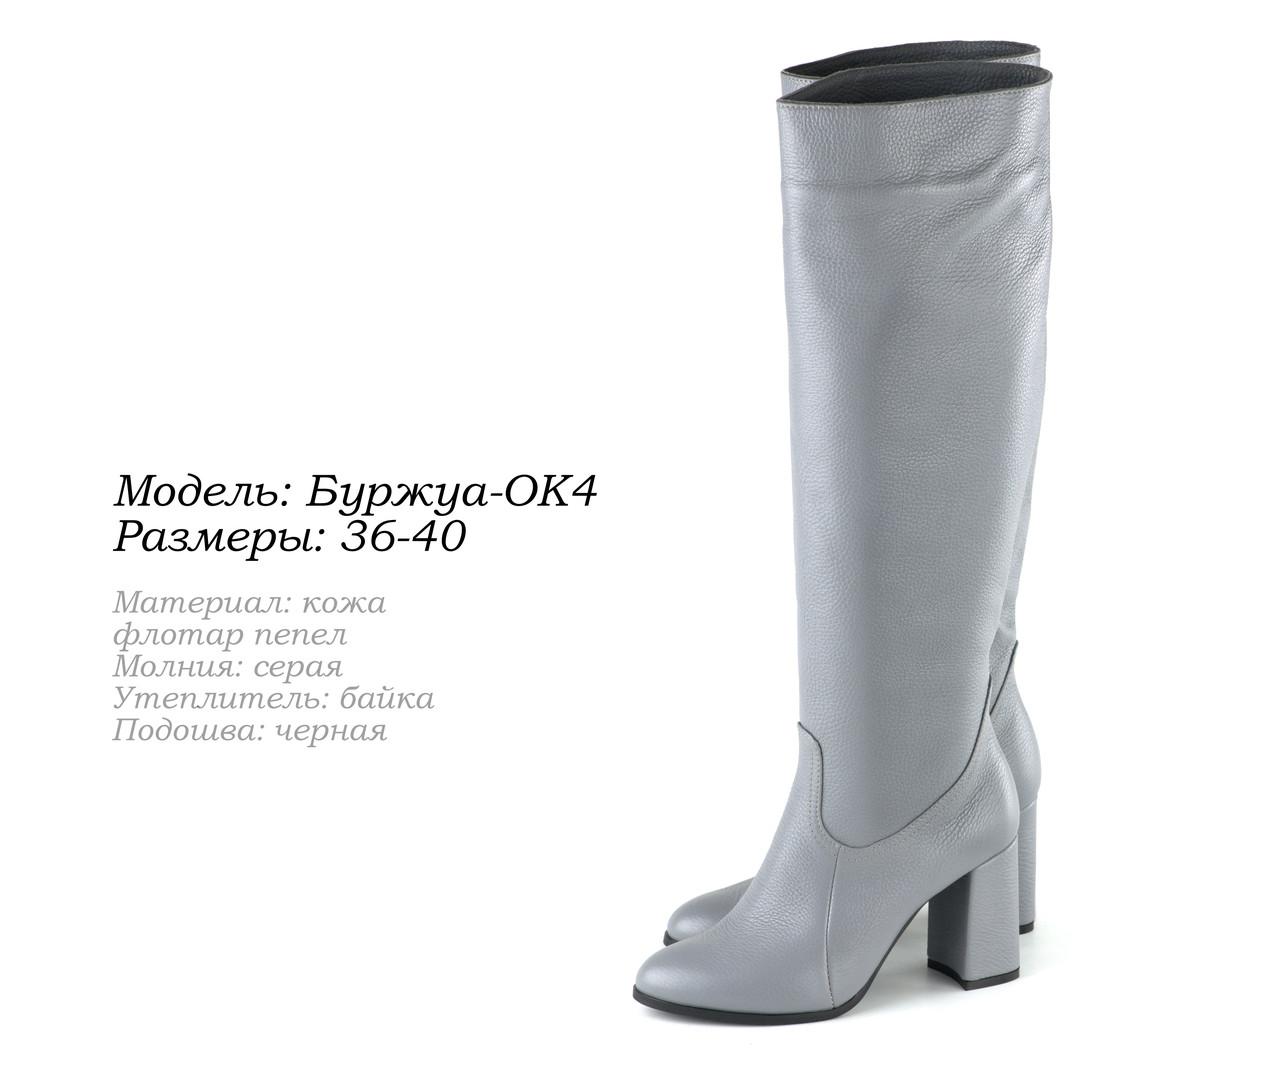 Стильная обувь от украинского производителя.